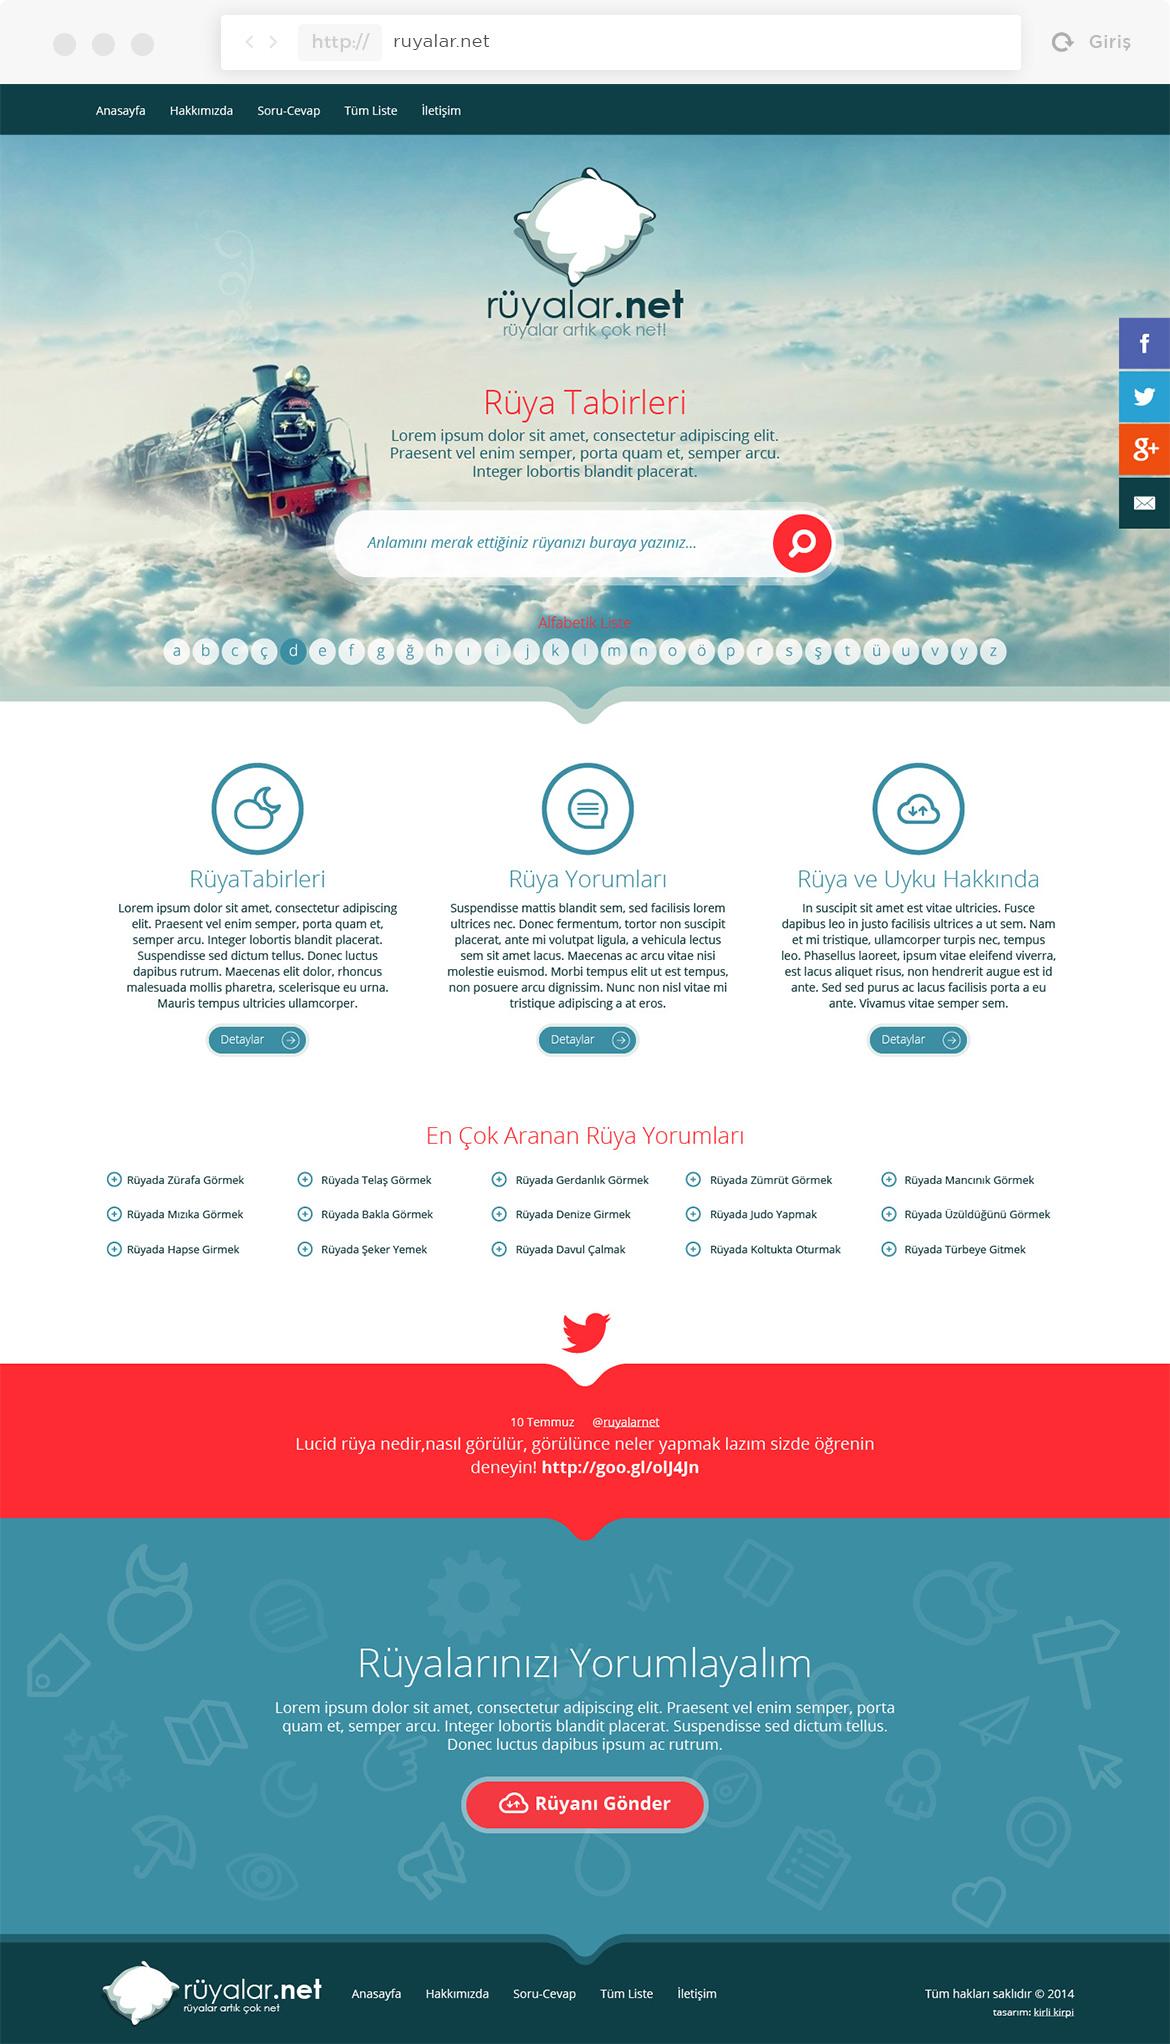 ruyalar.net web sitesi anasayfa tasarımı komple